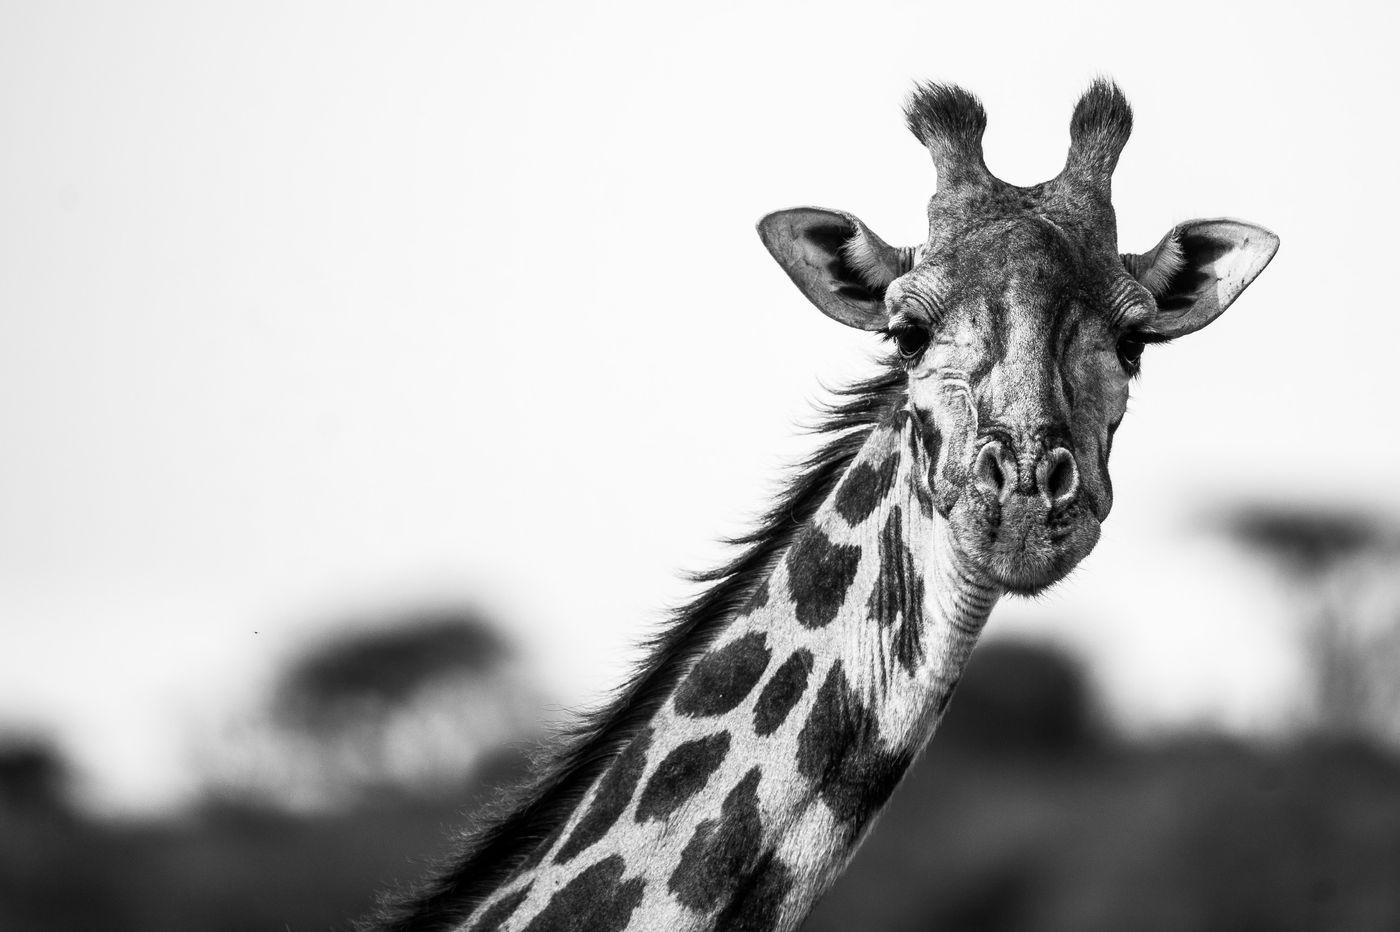 Een giraf kijkt statig in de lens. © Billy Herman